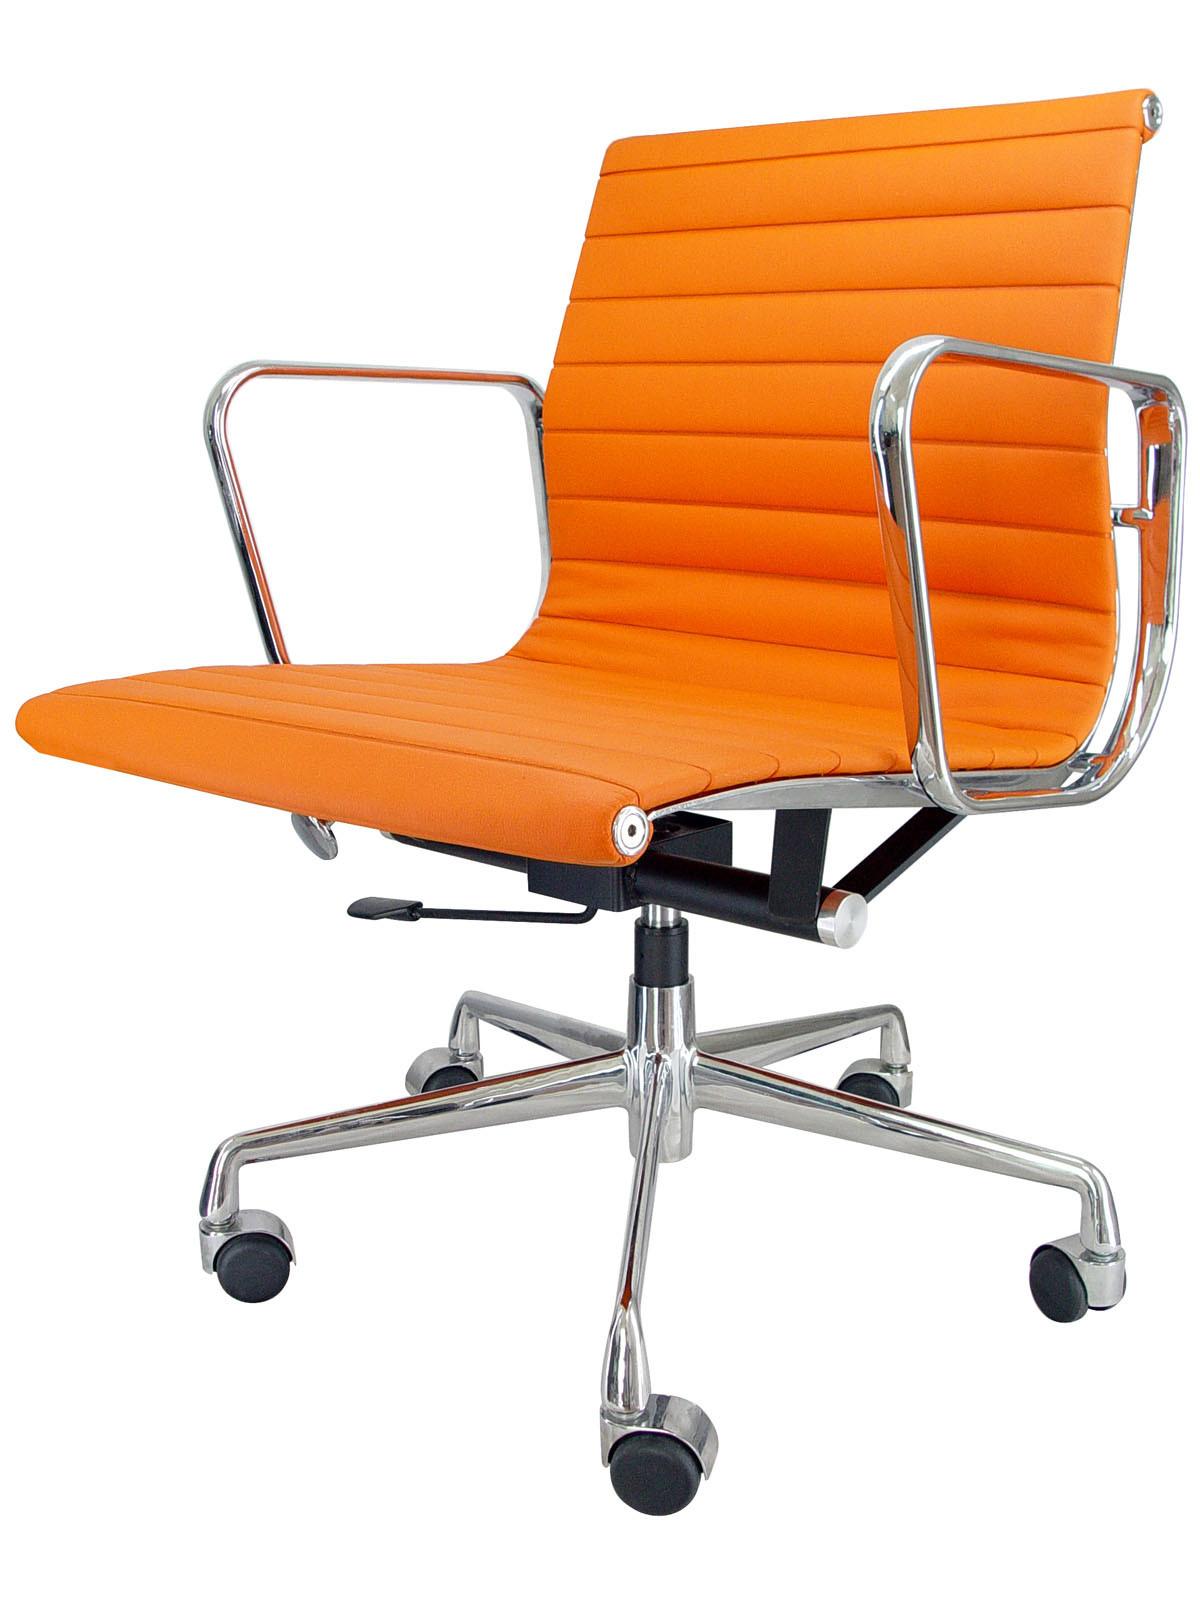 Oranje stoel eames eoc lme1 oranje stoel eames eoc lme1 doorfoshan eames furniture co ltd - Stoel aangewezen ...